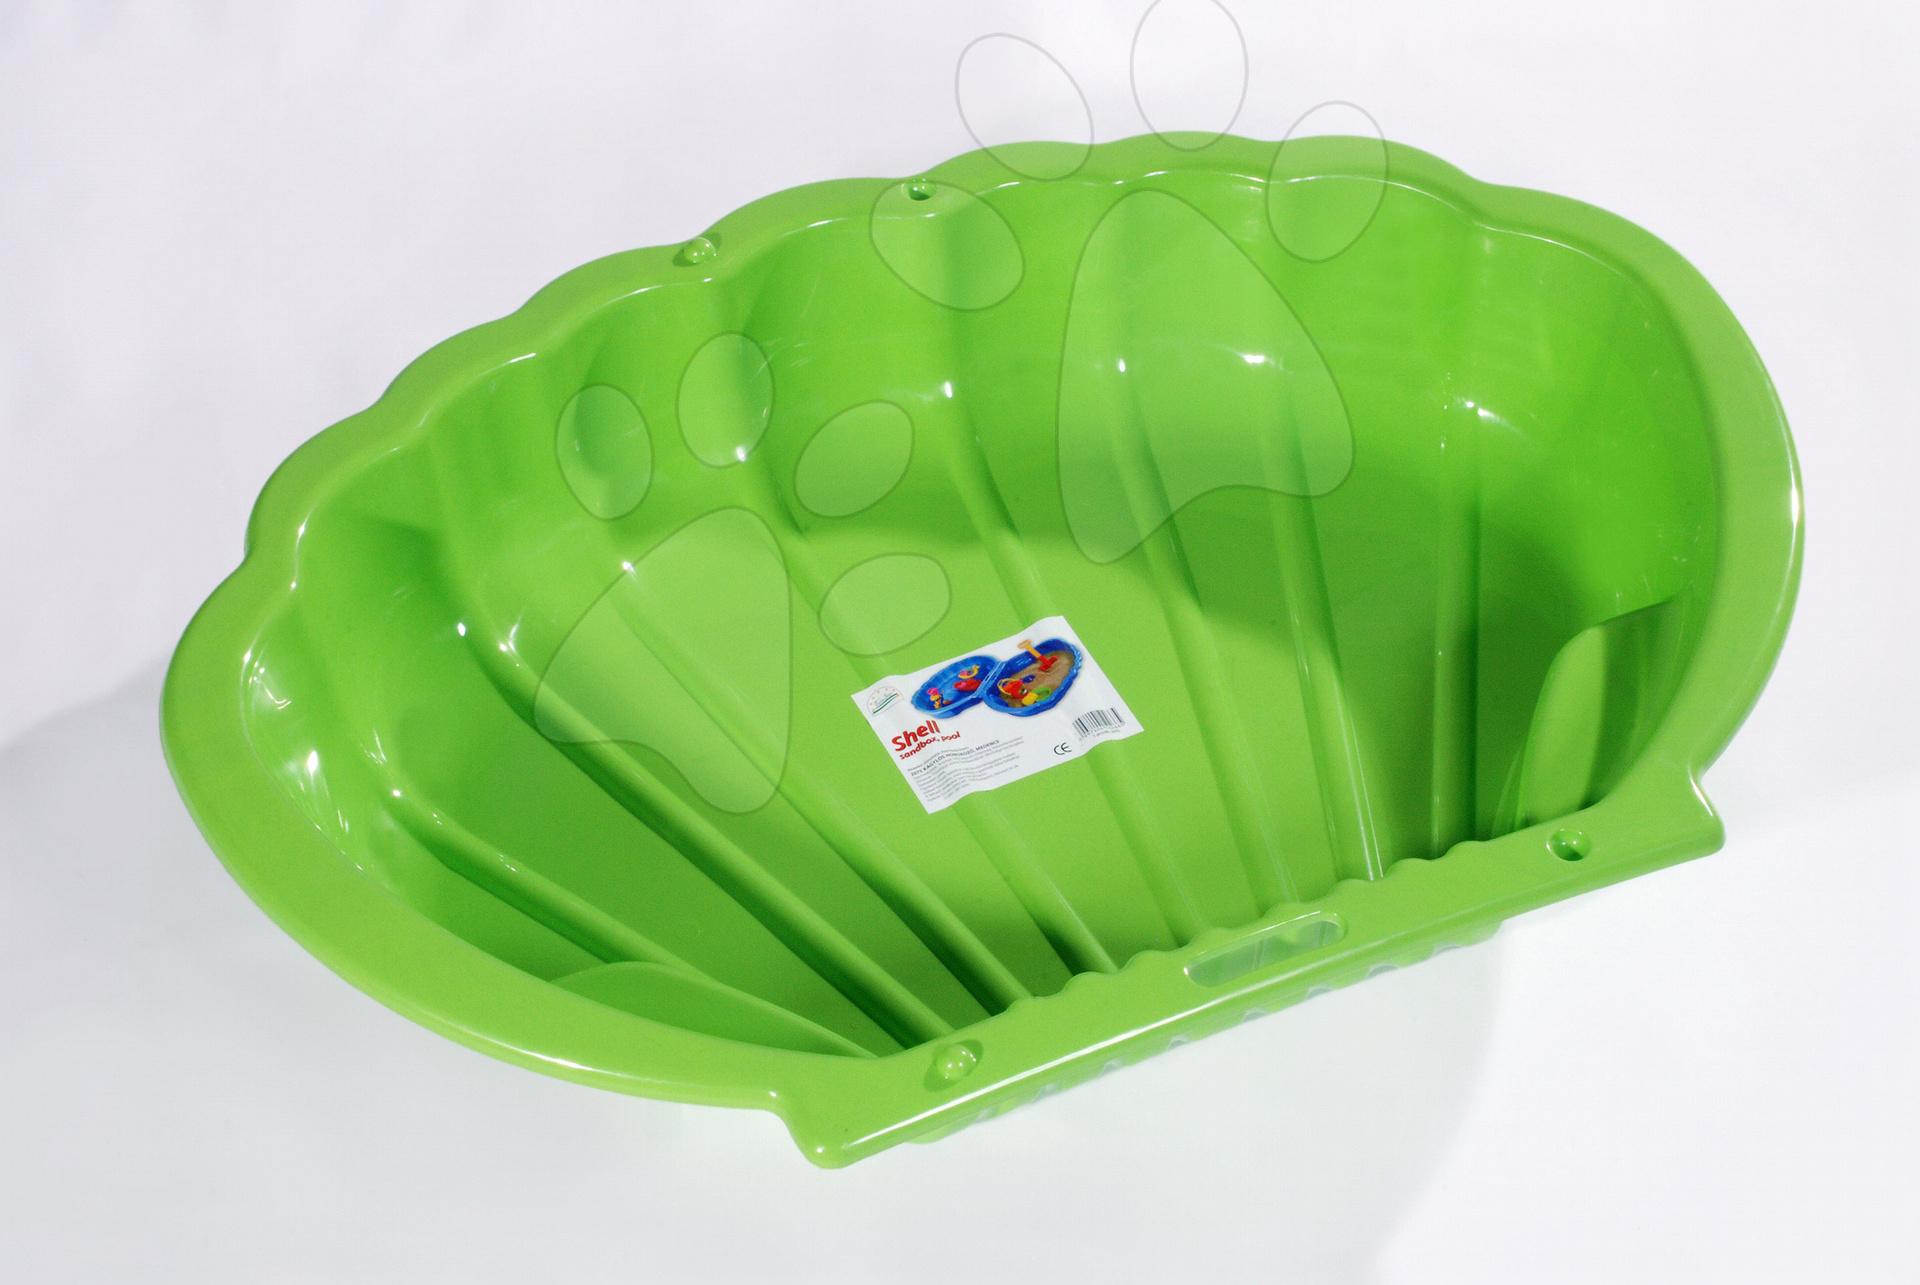 Homokozó Kagyló Dohány térfogata 112 liter 109*78 cm zöld 24 hó-tól